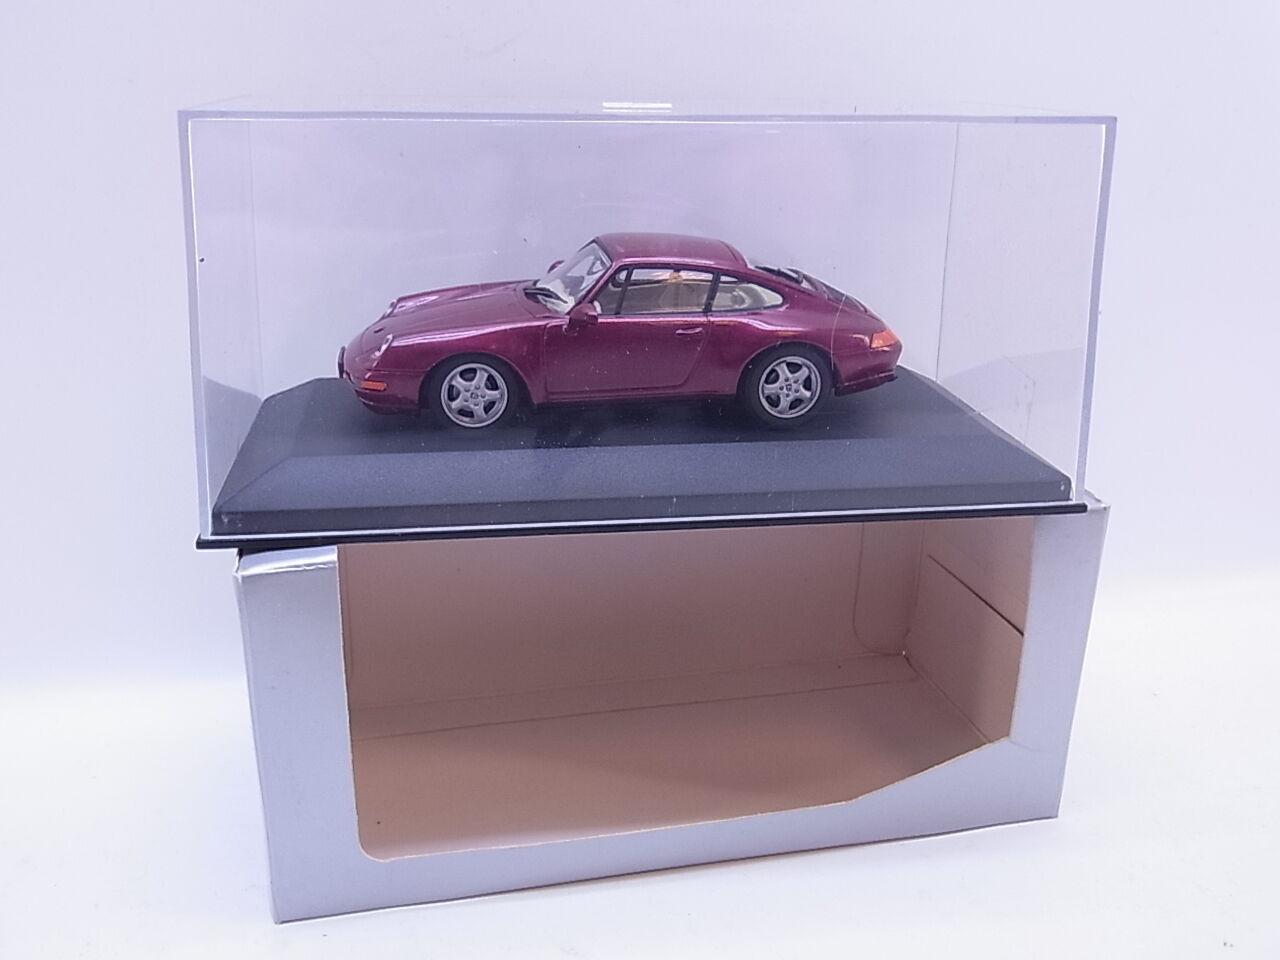 Lot 40695   Minichamps Minichamps Minichamps Porsche 911 Coupé 993 Rouge Métallisé Voiture Miniature 1 43 dans neuf dans sa boîte f4445c